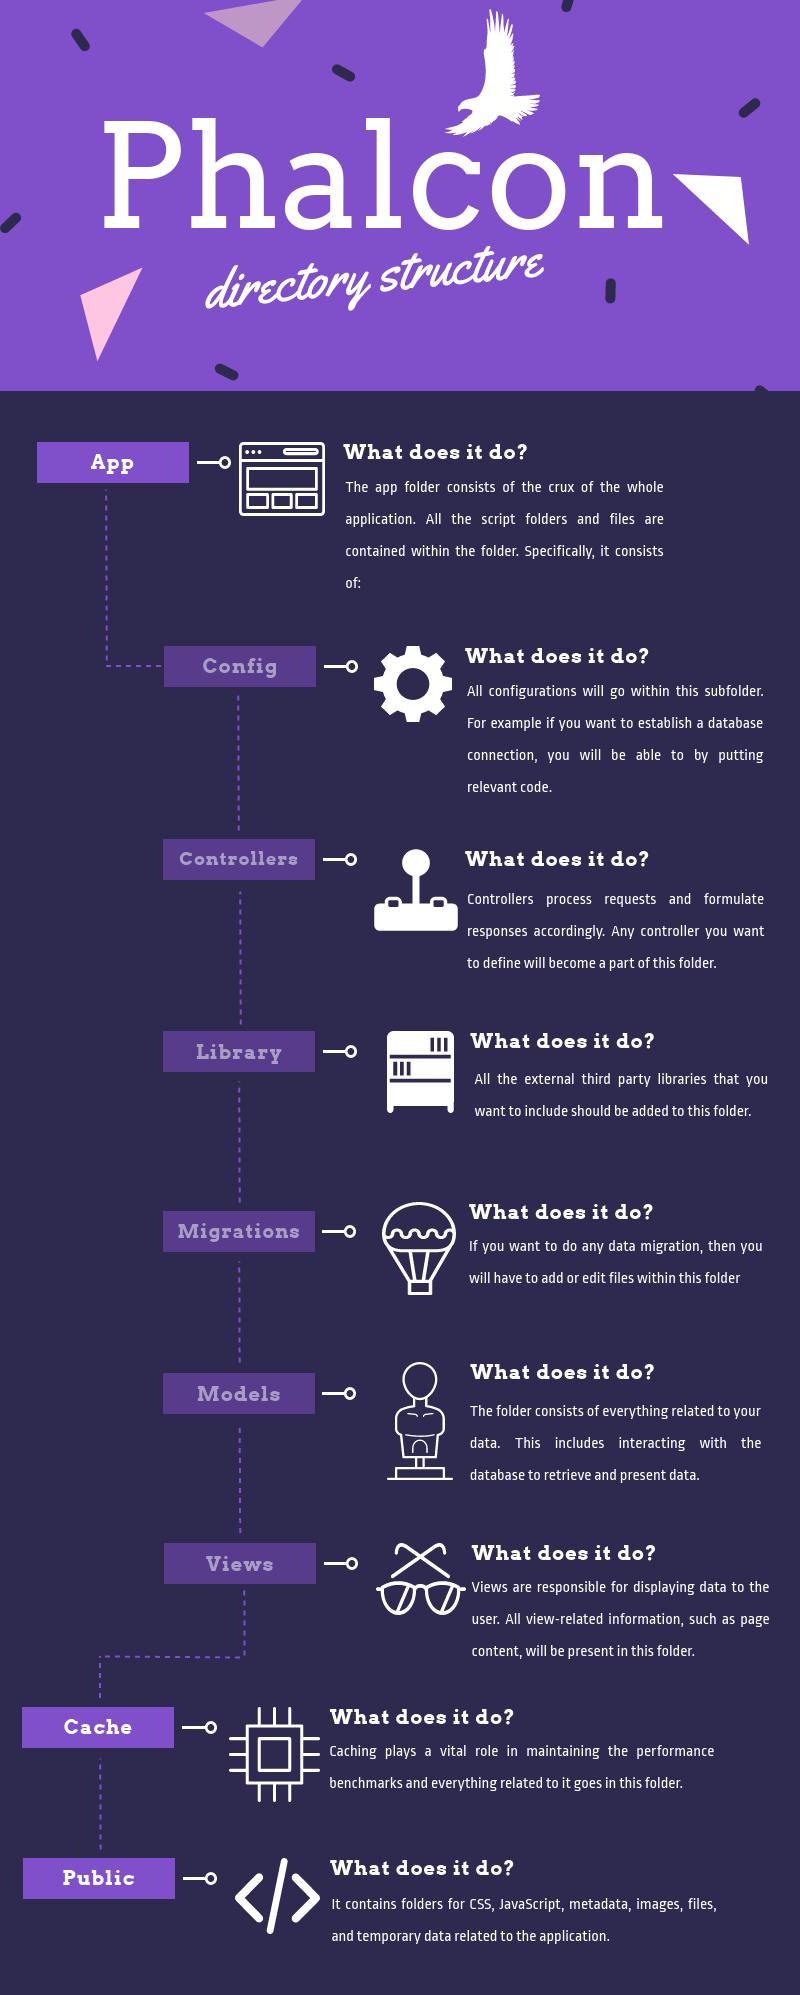 infografía-Phalcon-estructura-de-directorios